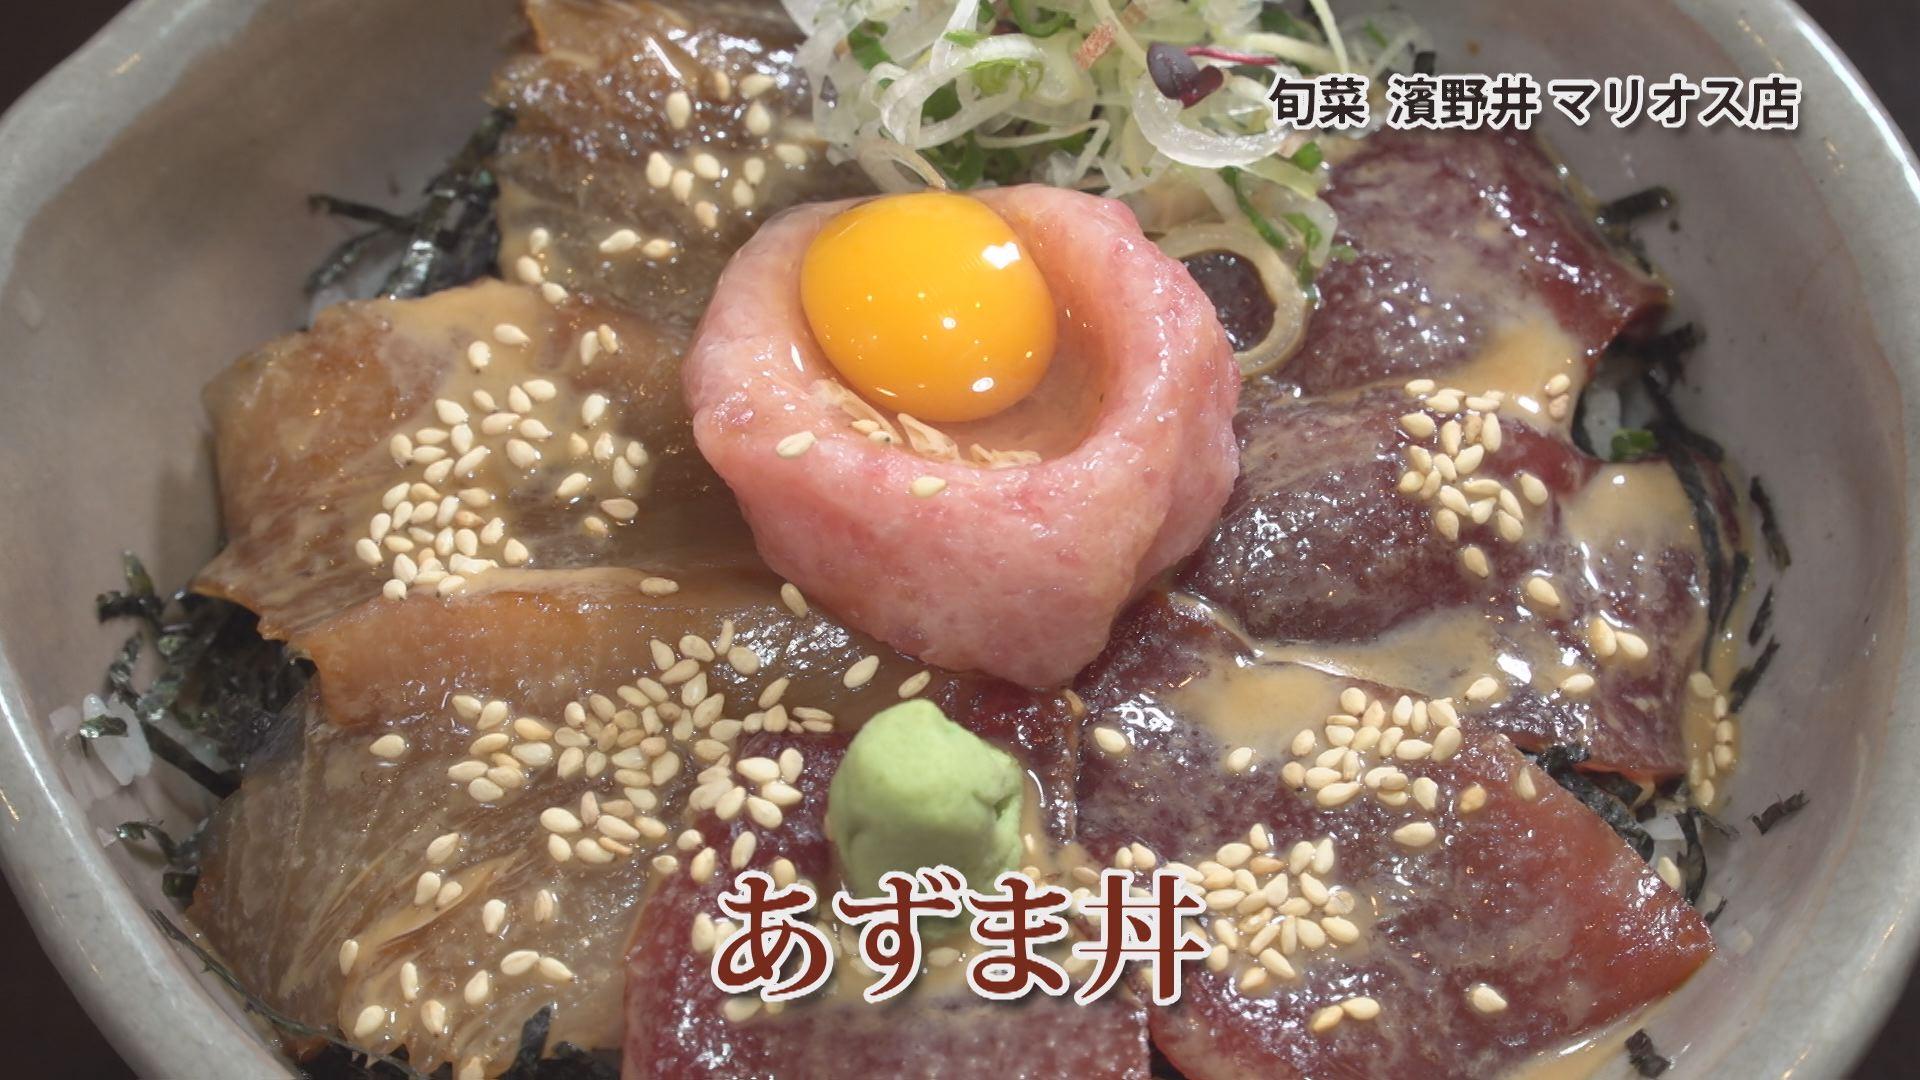 旬菜 濱野井 マリオス店